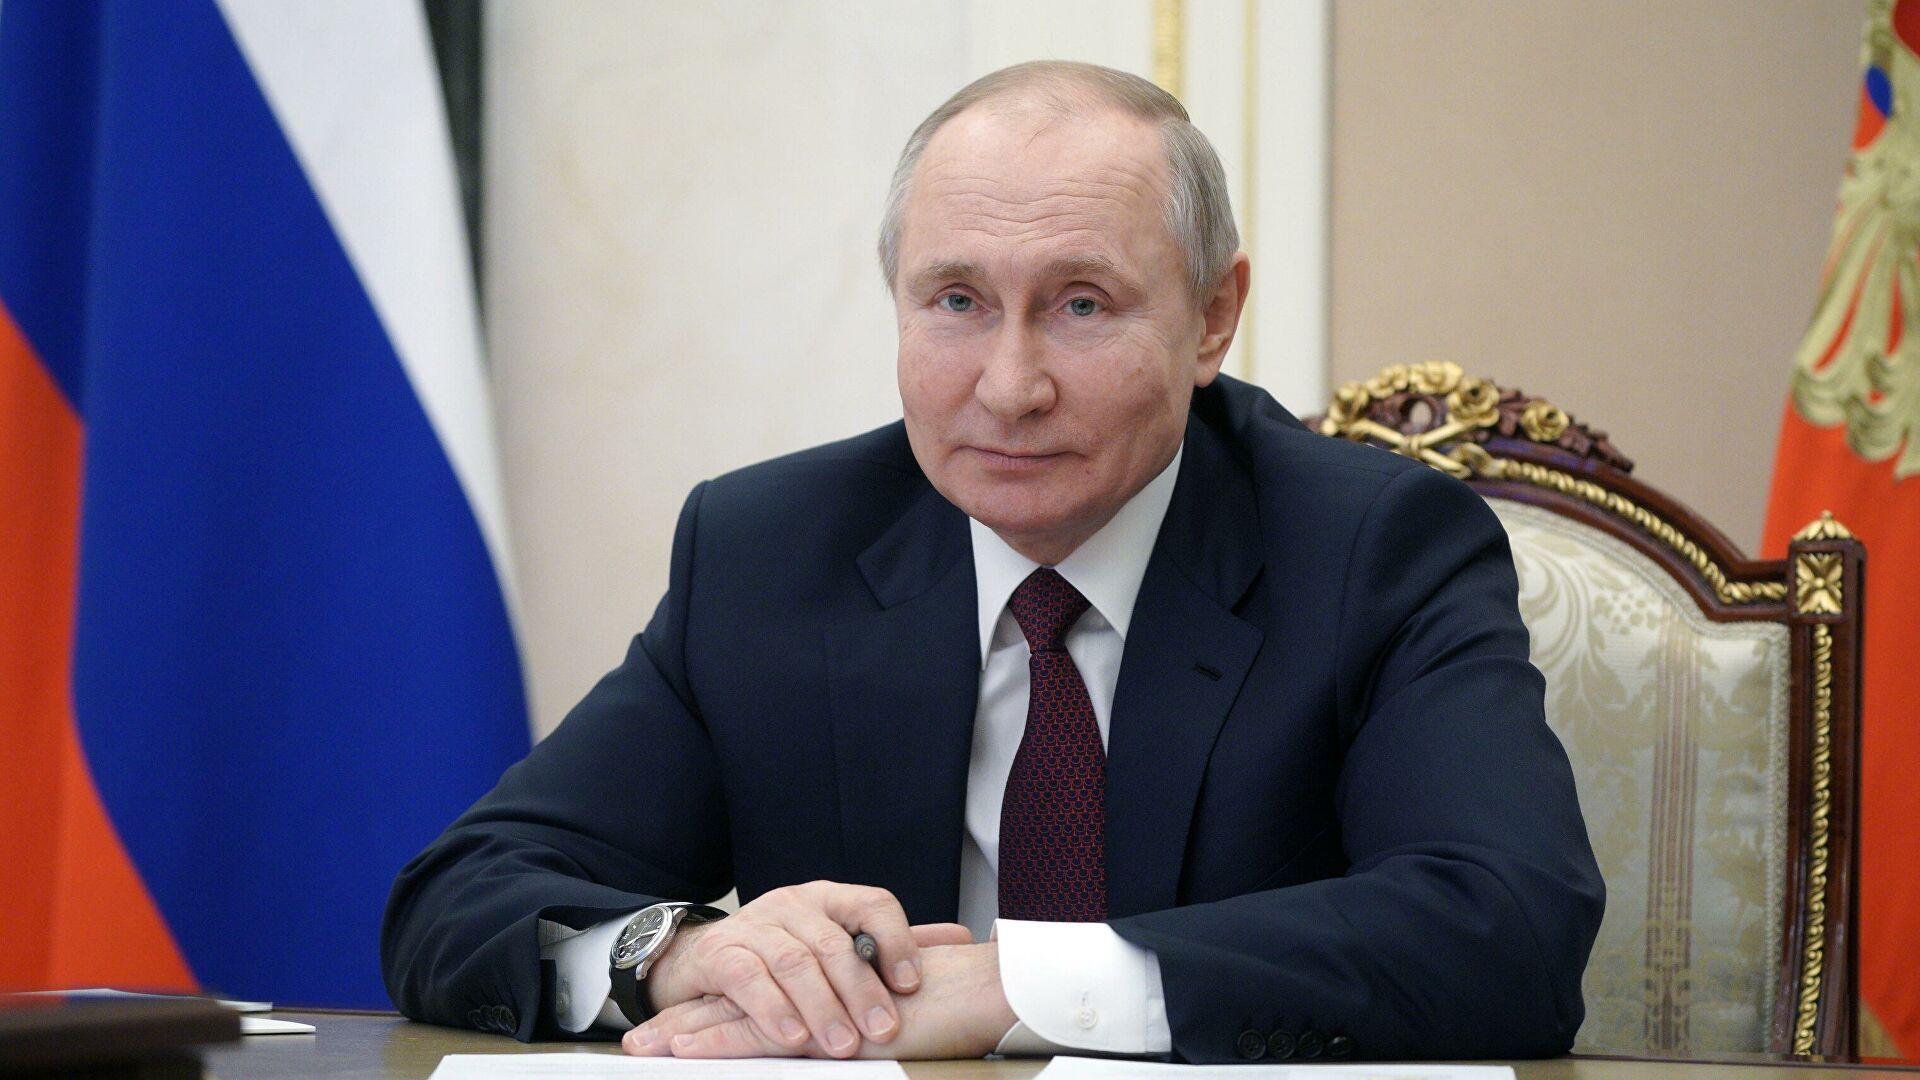 Photo of Путин во вторник вакцинируется от коронавируса